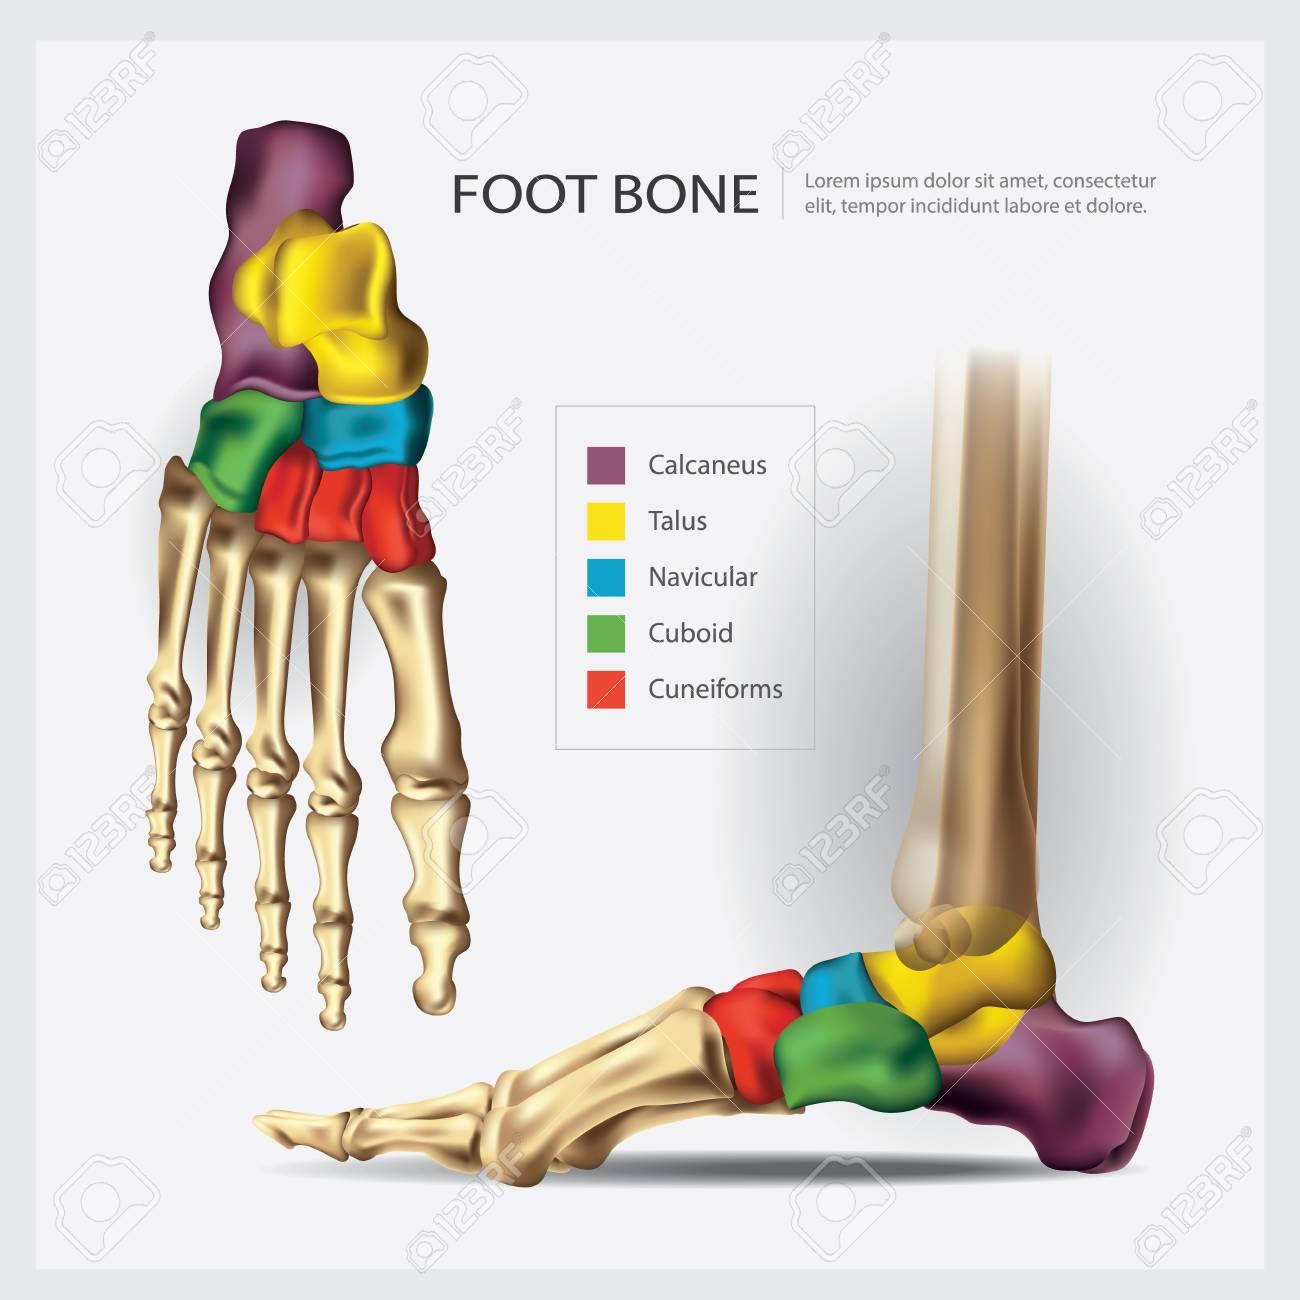 Menschliche Anatomie Fußknochen Vektor-Illustration Lizenzfrei ...